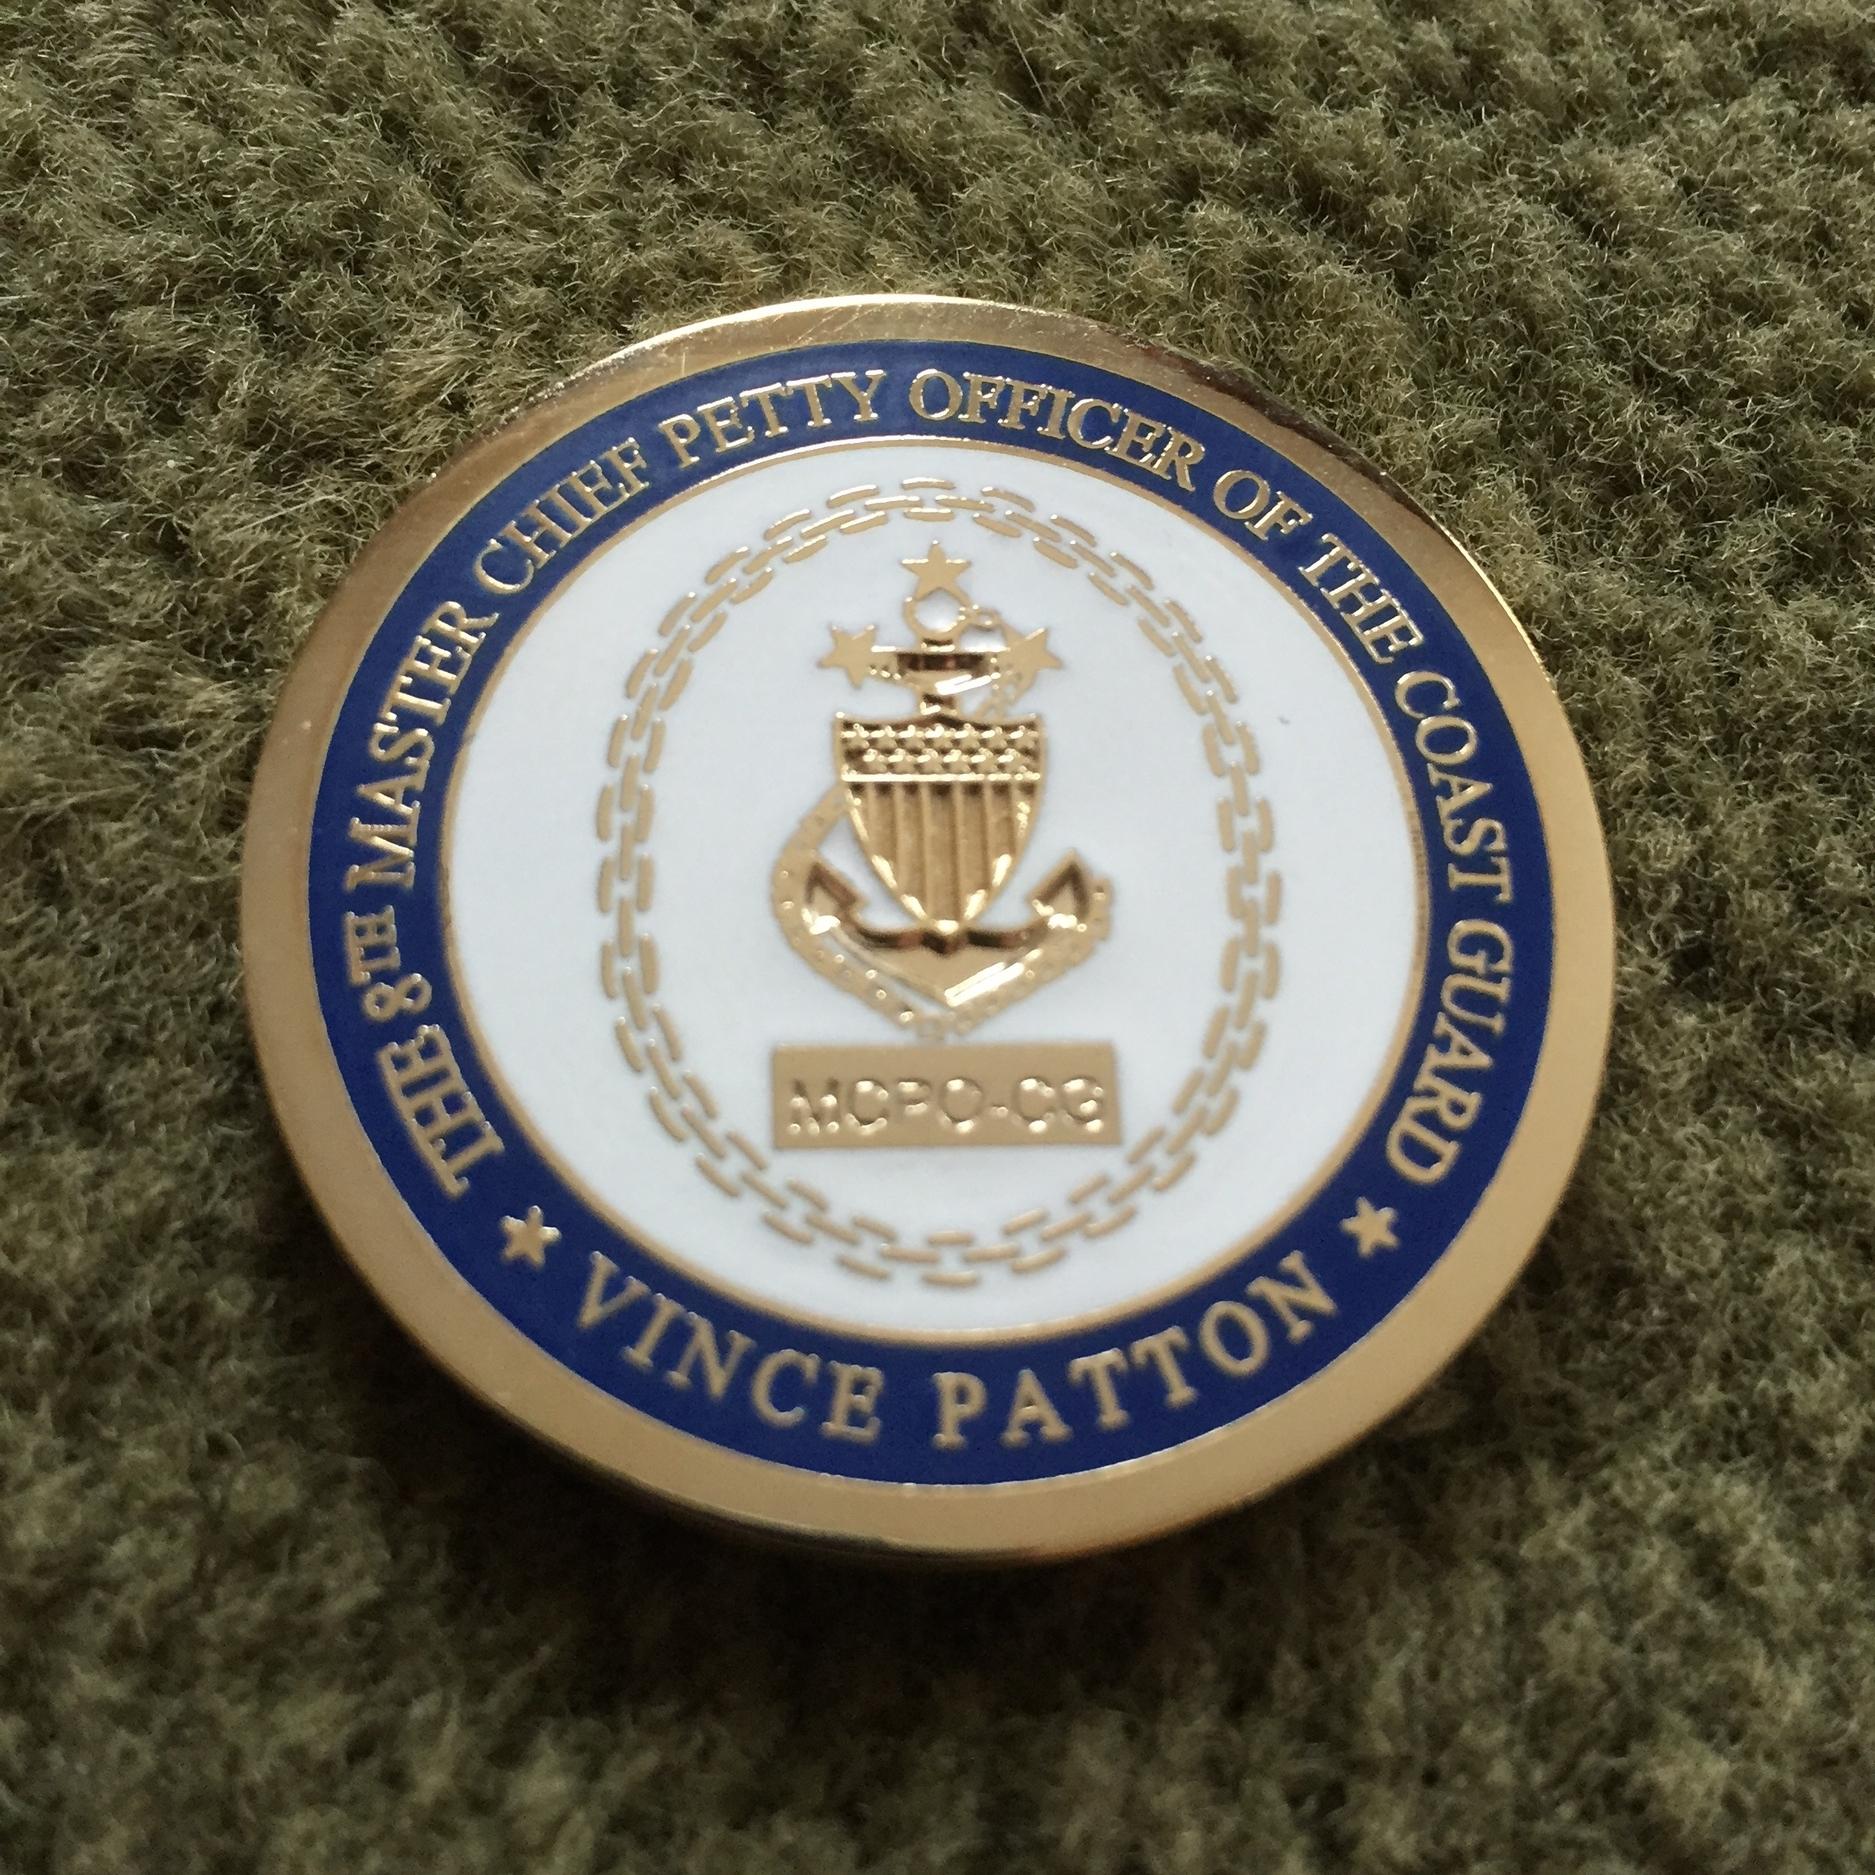 Patton obv.jpg